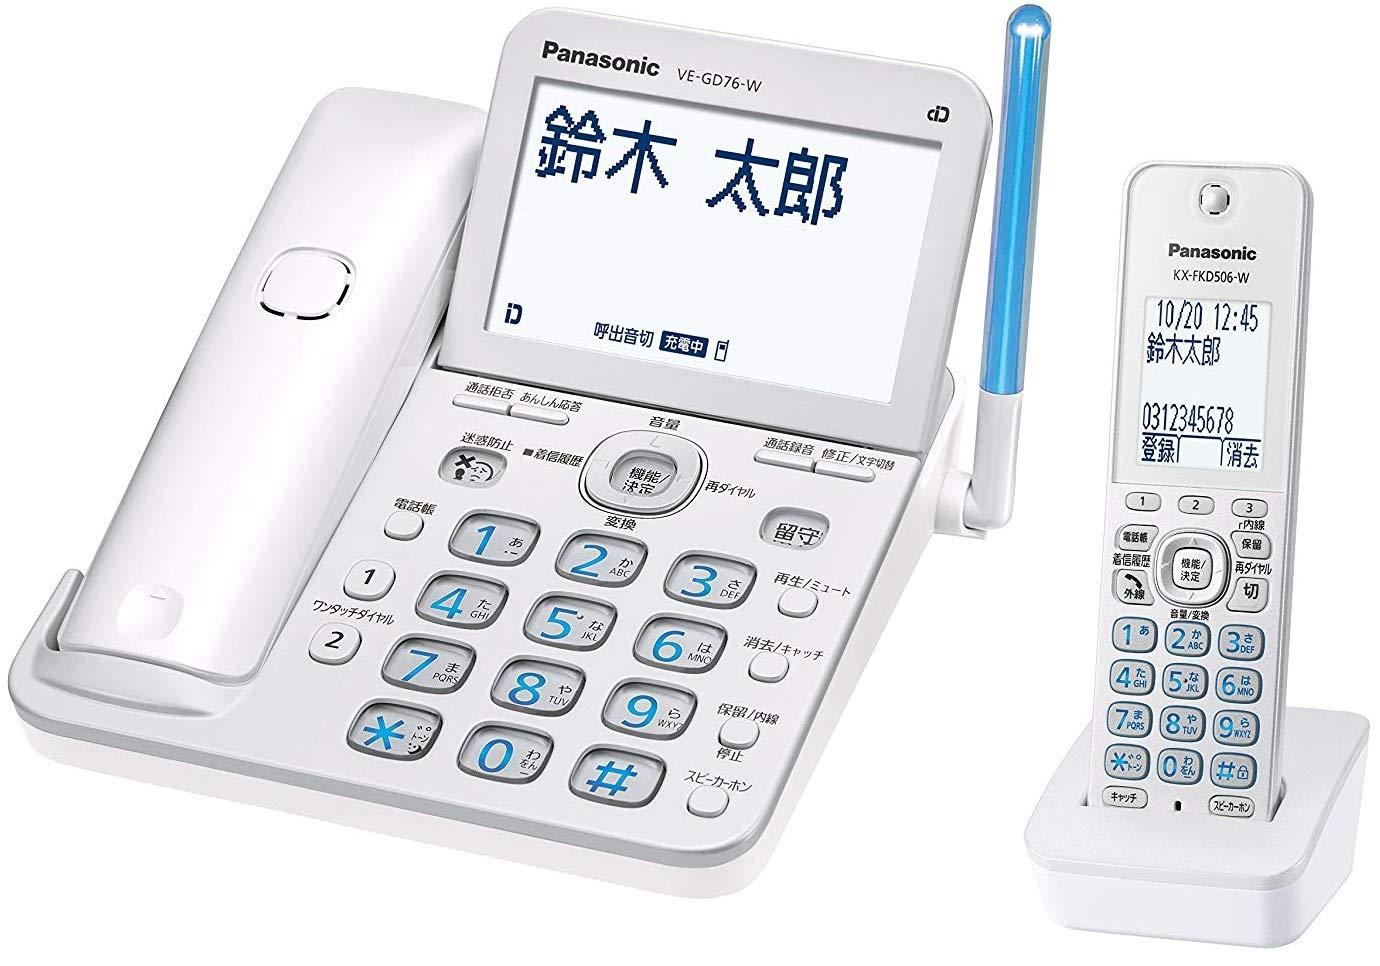 パナソニック デジタルコードレス電話機 子機1台付き 迷惑防止機能搭載 パールホワイト VE-GD76DL-W 子機1台付き パールホワイト B06Y64LNXJ